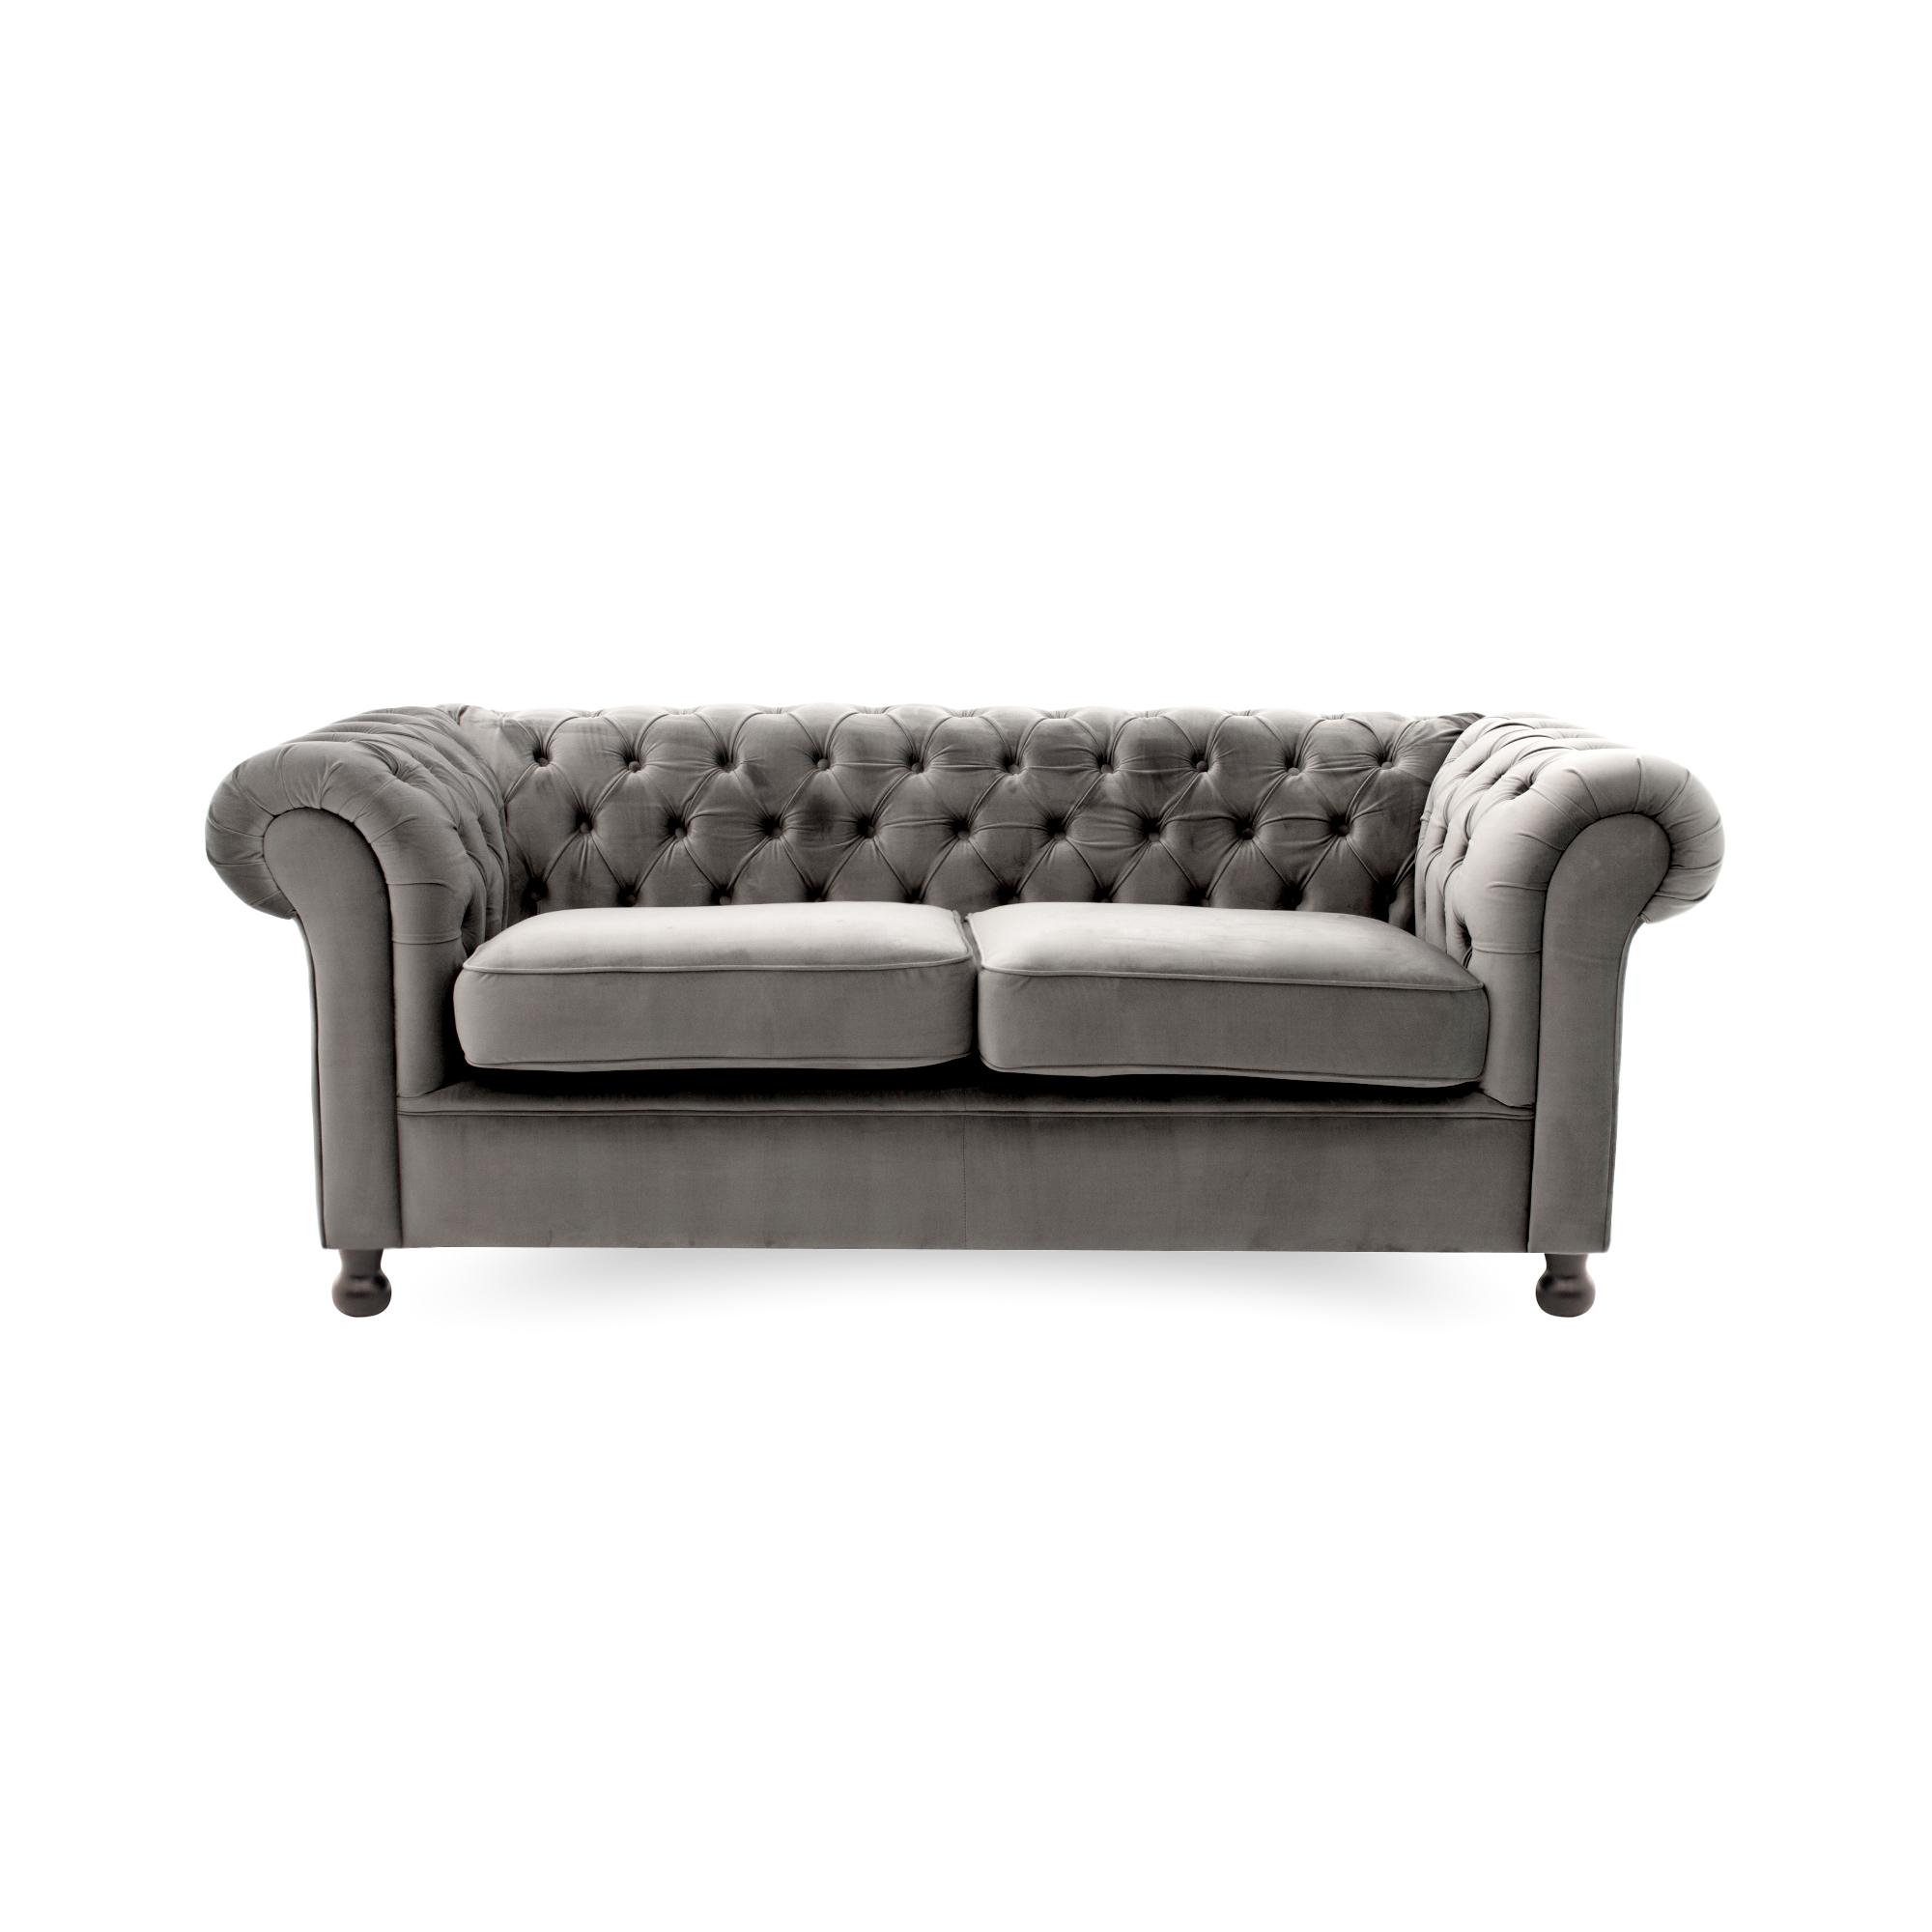 Canapea Fixa 3 locuri Chesterfield Silver